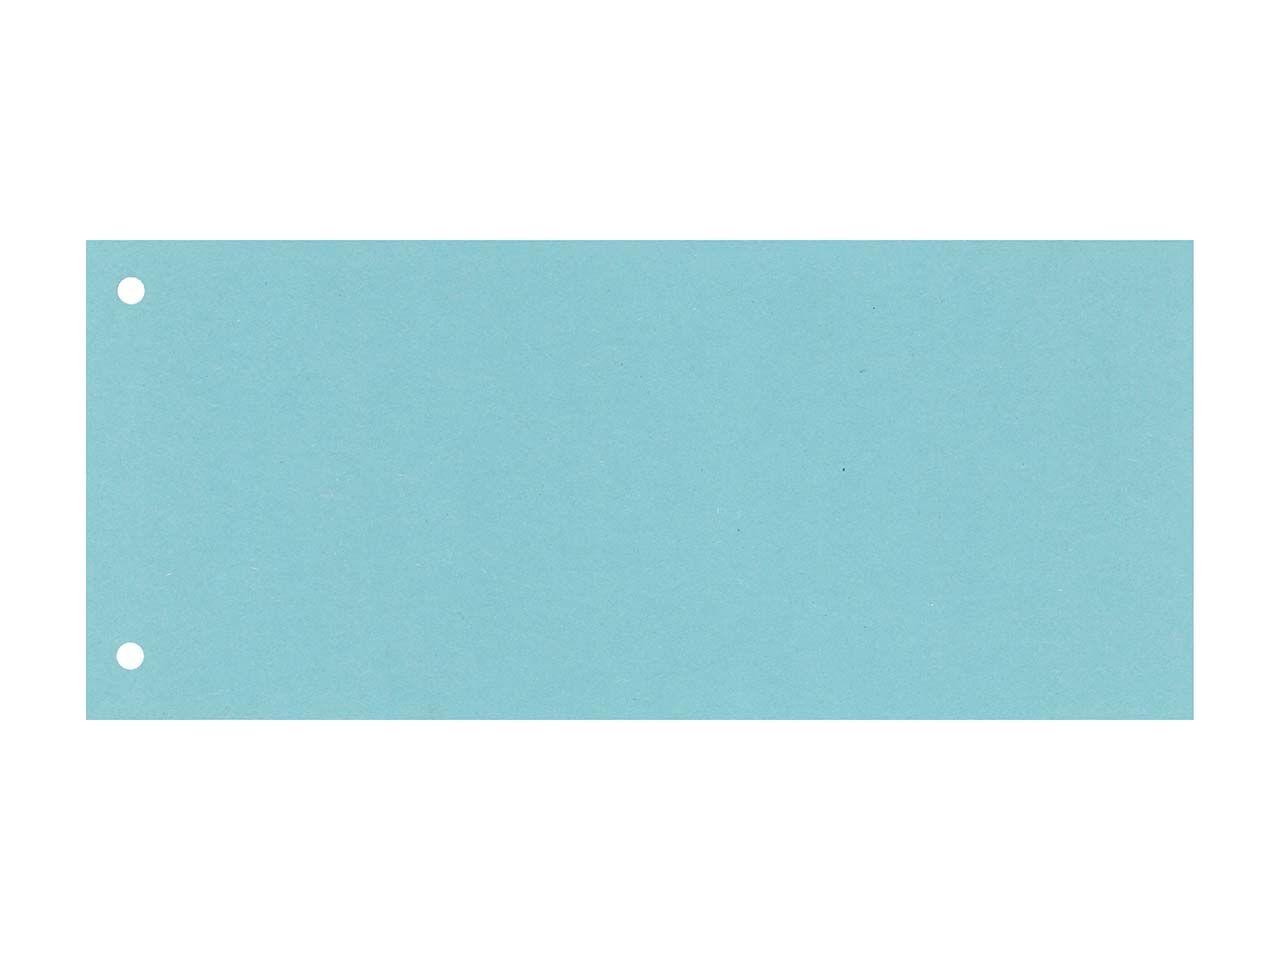 100 Trennstreifen blau 190 g/m² 50504